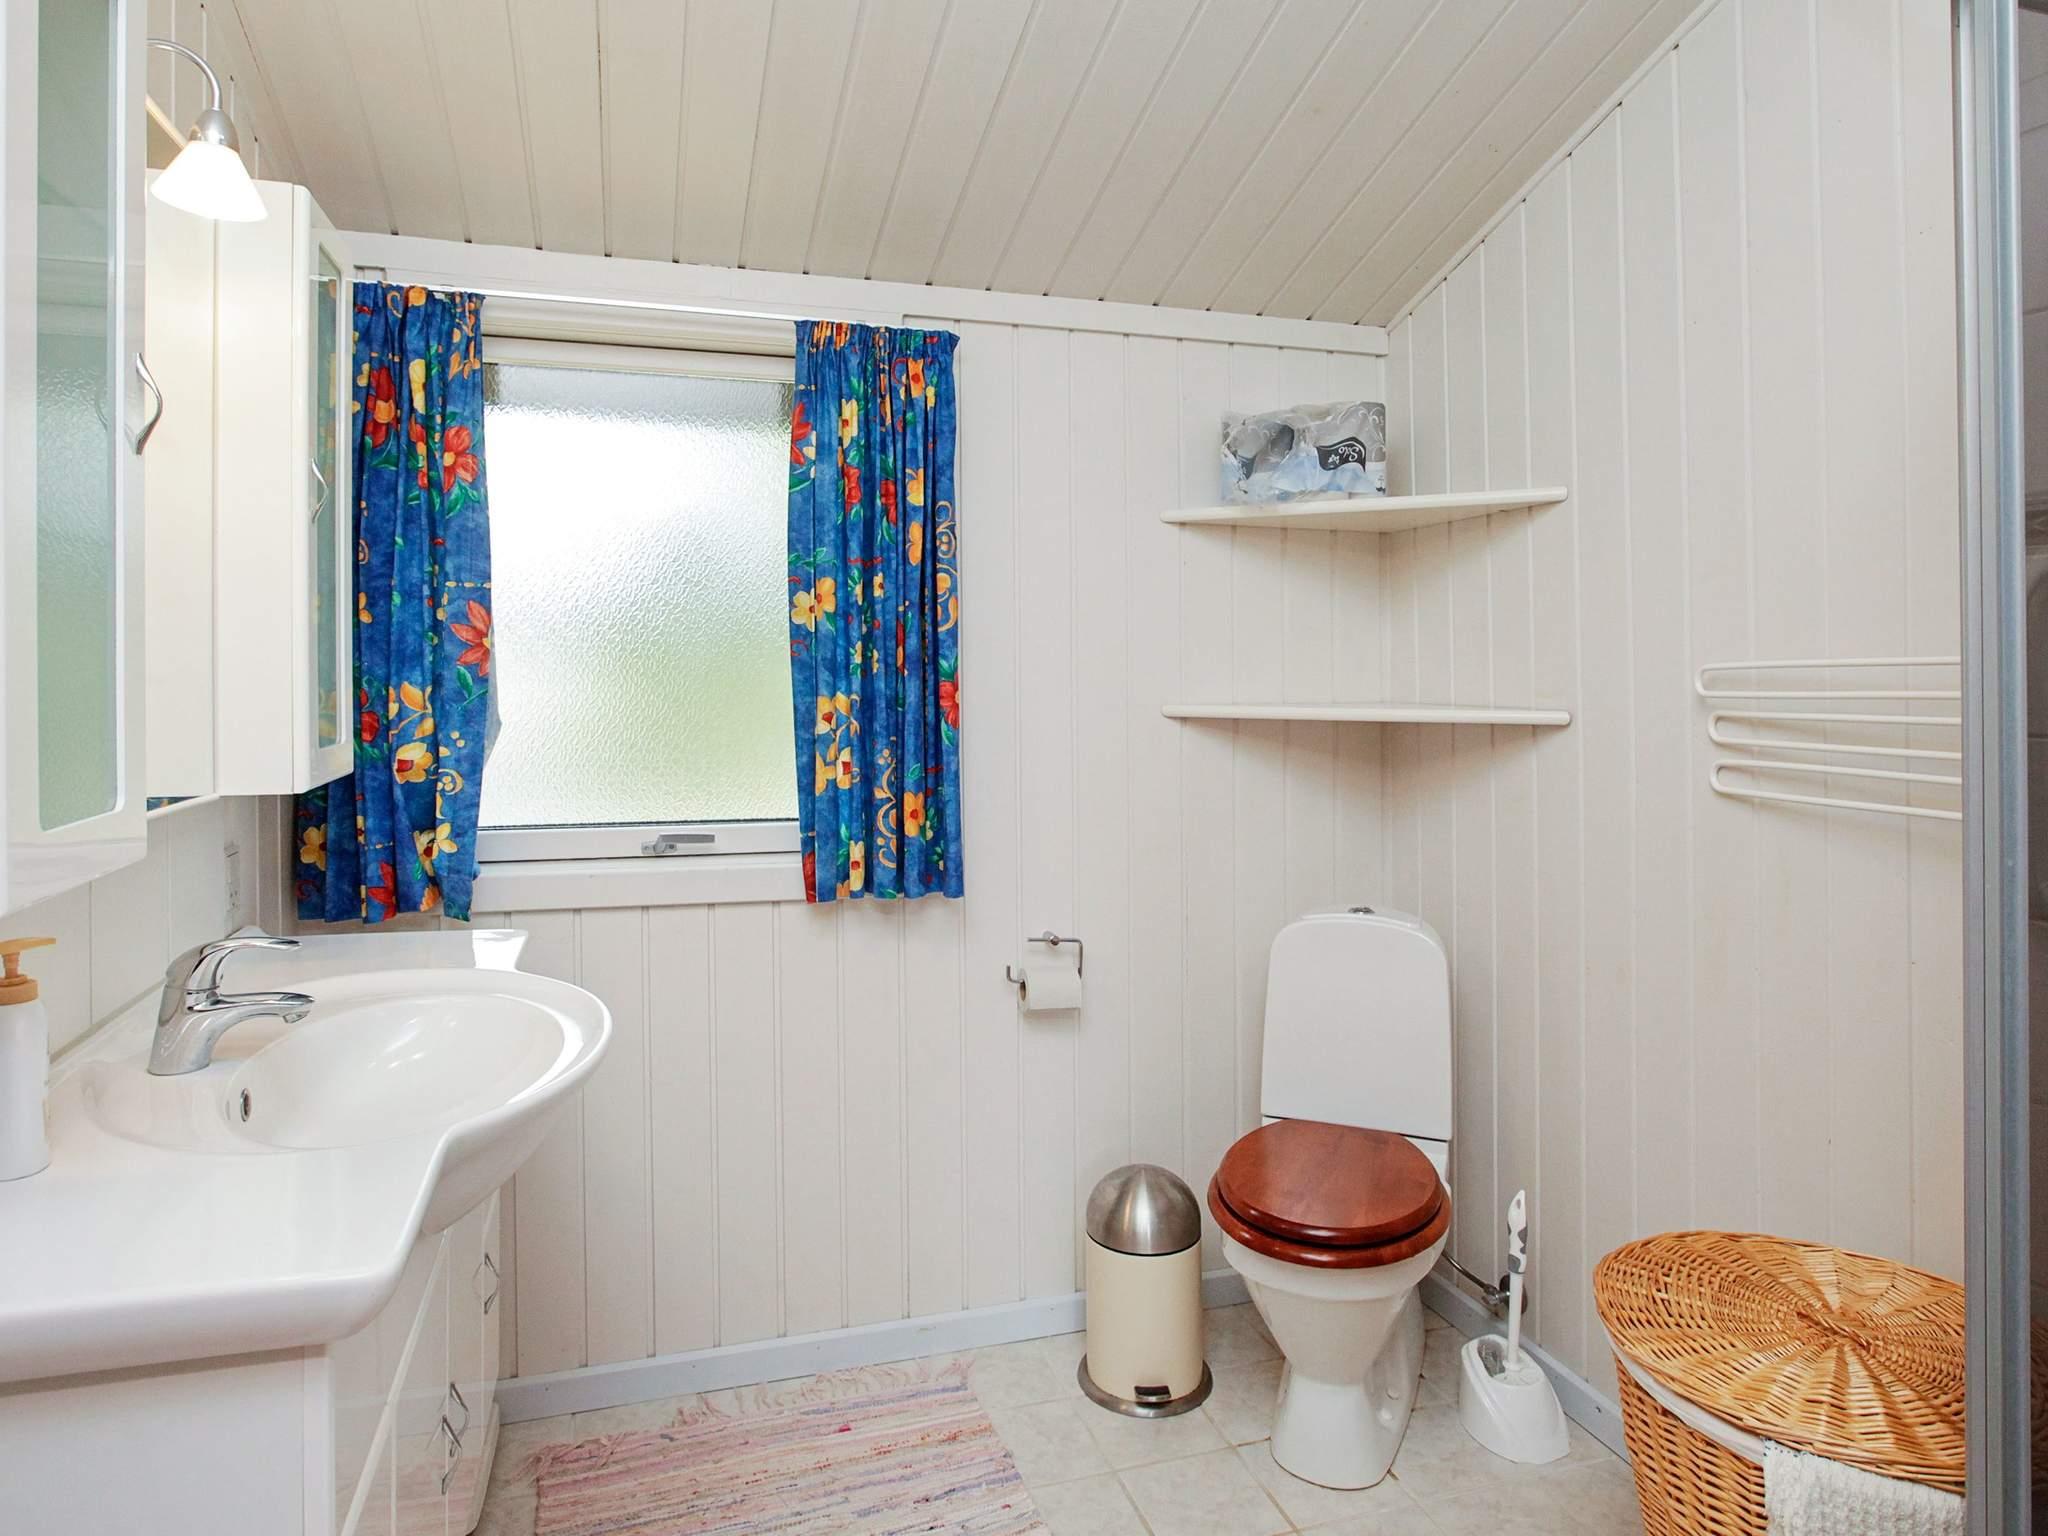 Ferienhaus Kjul Strand (2355604), Hirtshals, , Nordwestjütland, Dänemark, Bild 9